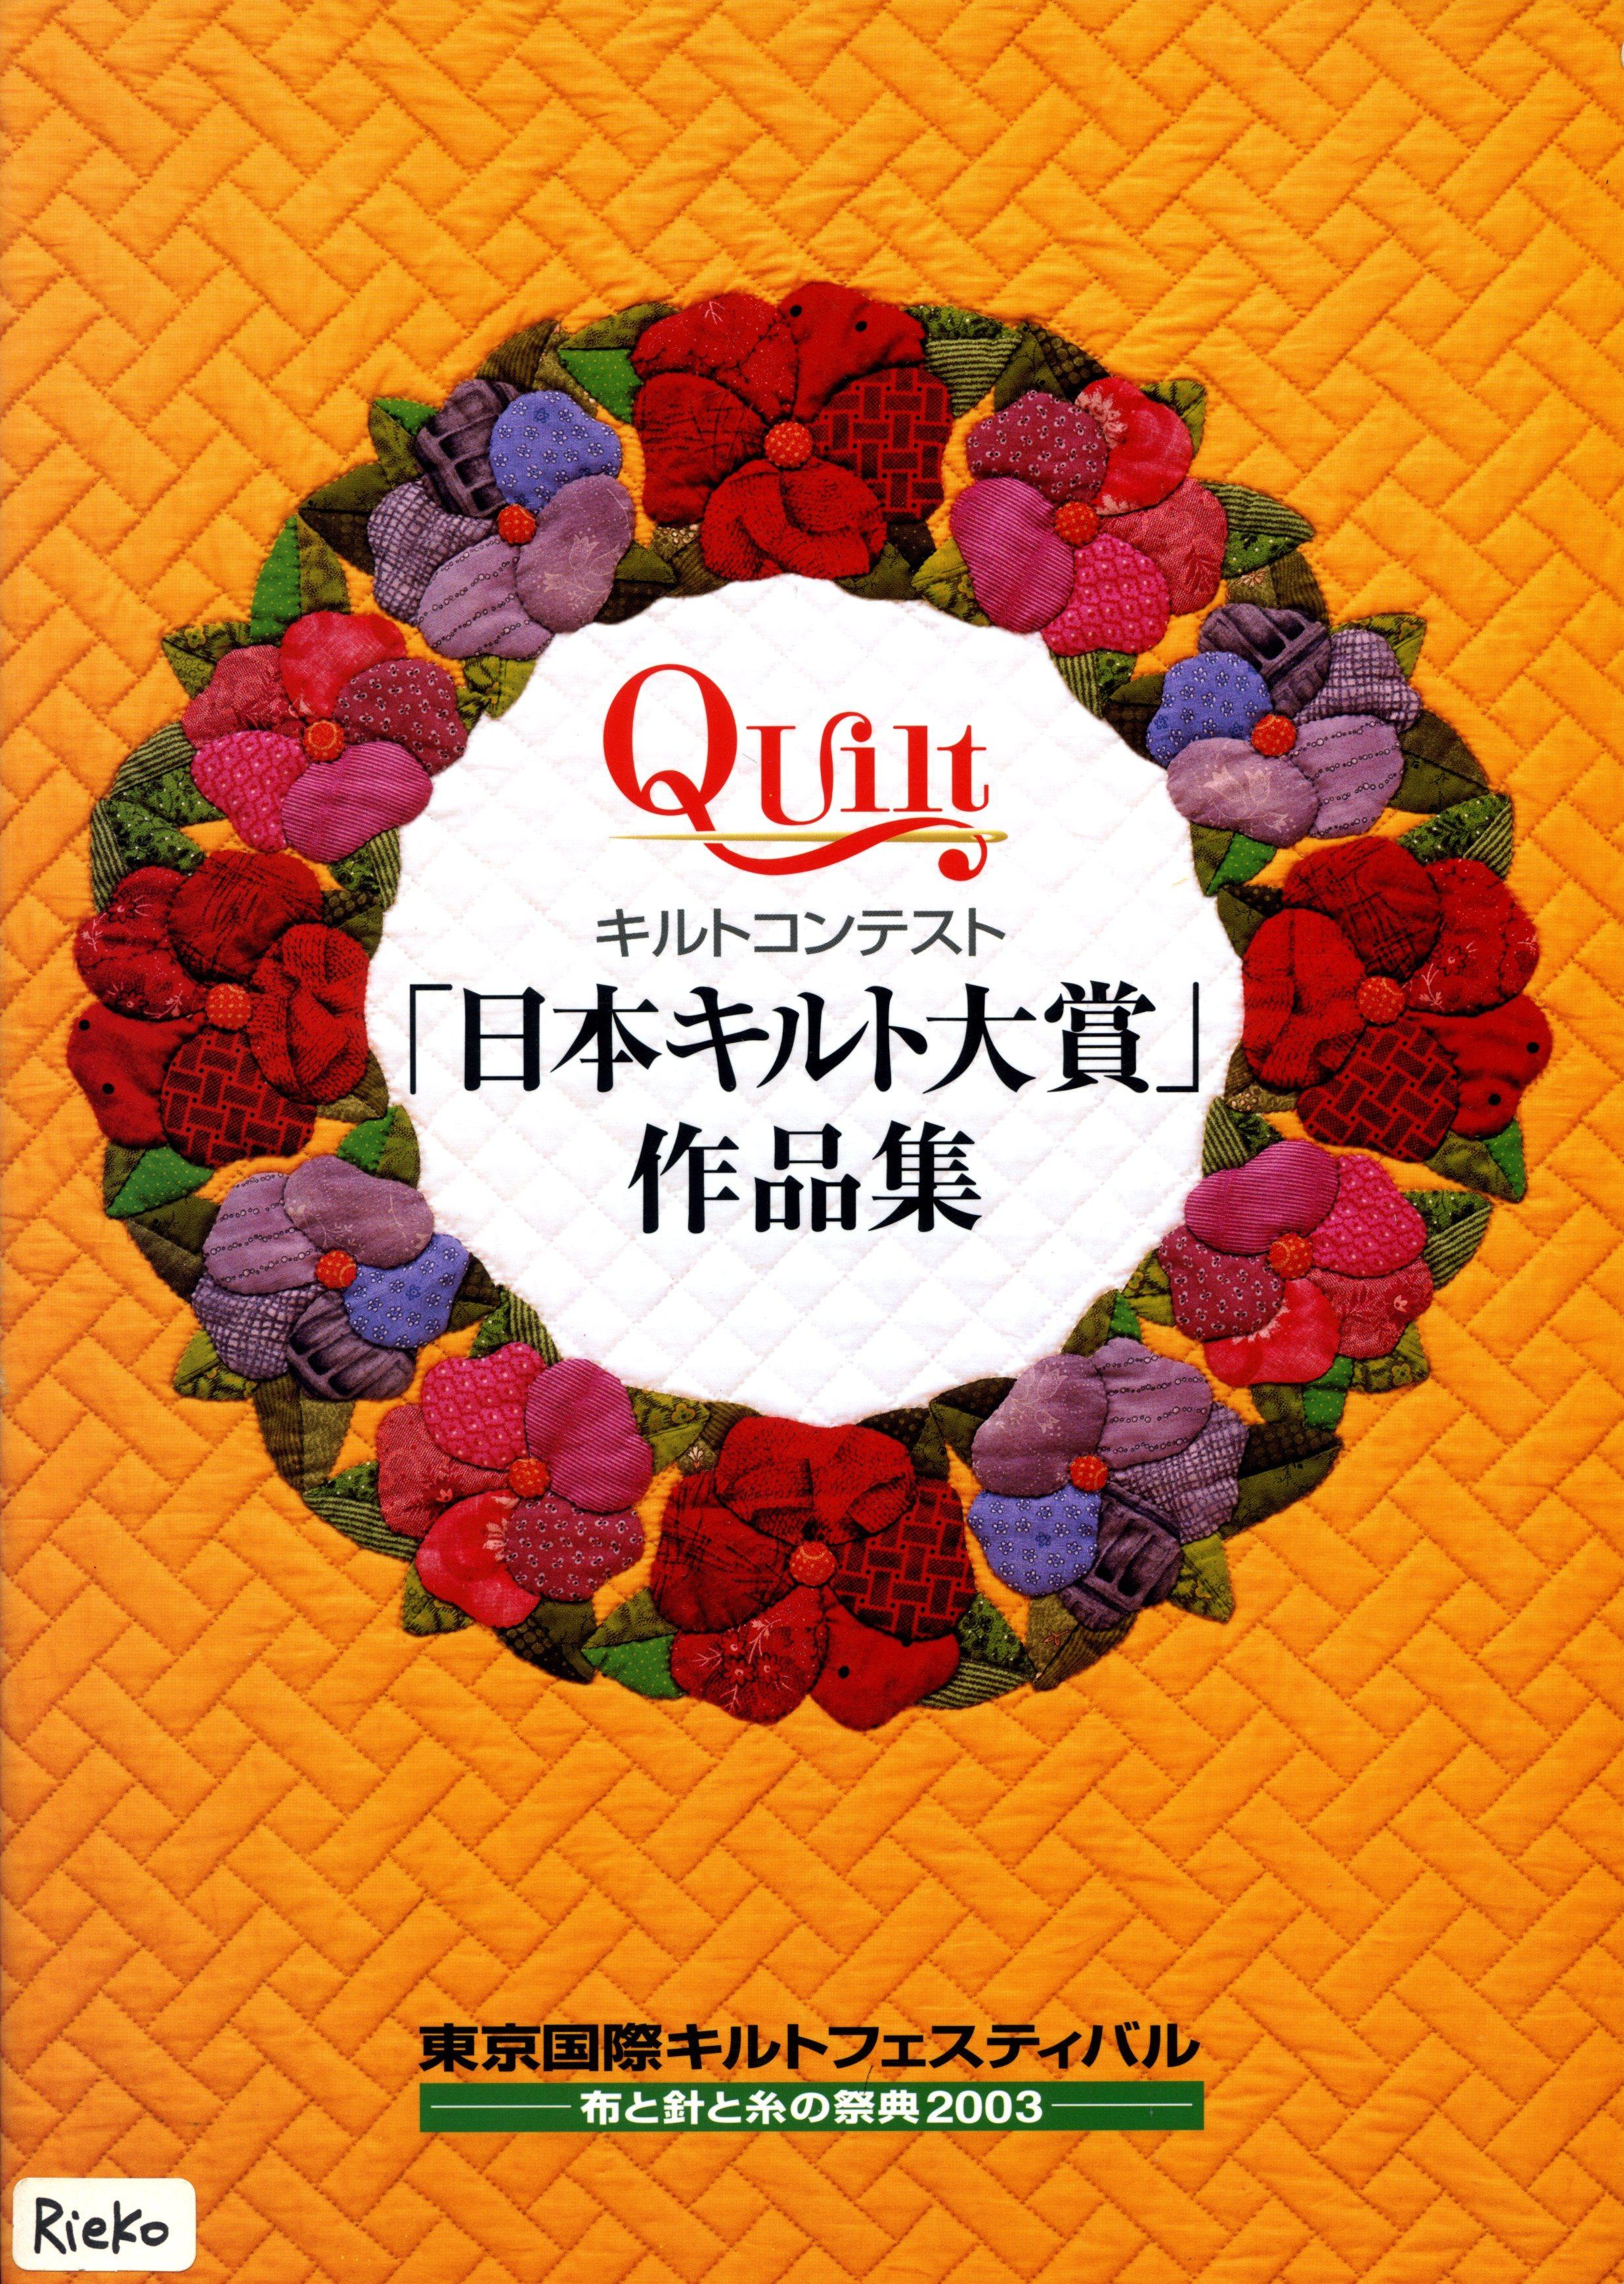 Tokyo Quilt Festival 2003中沢フェリーサ